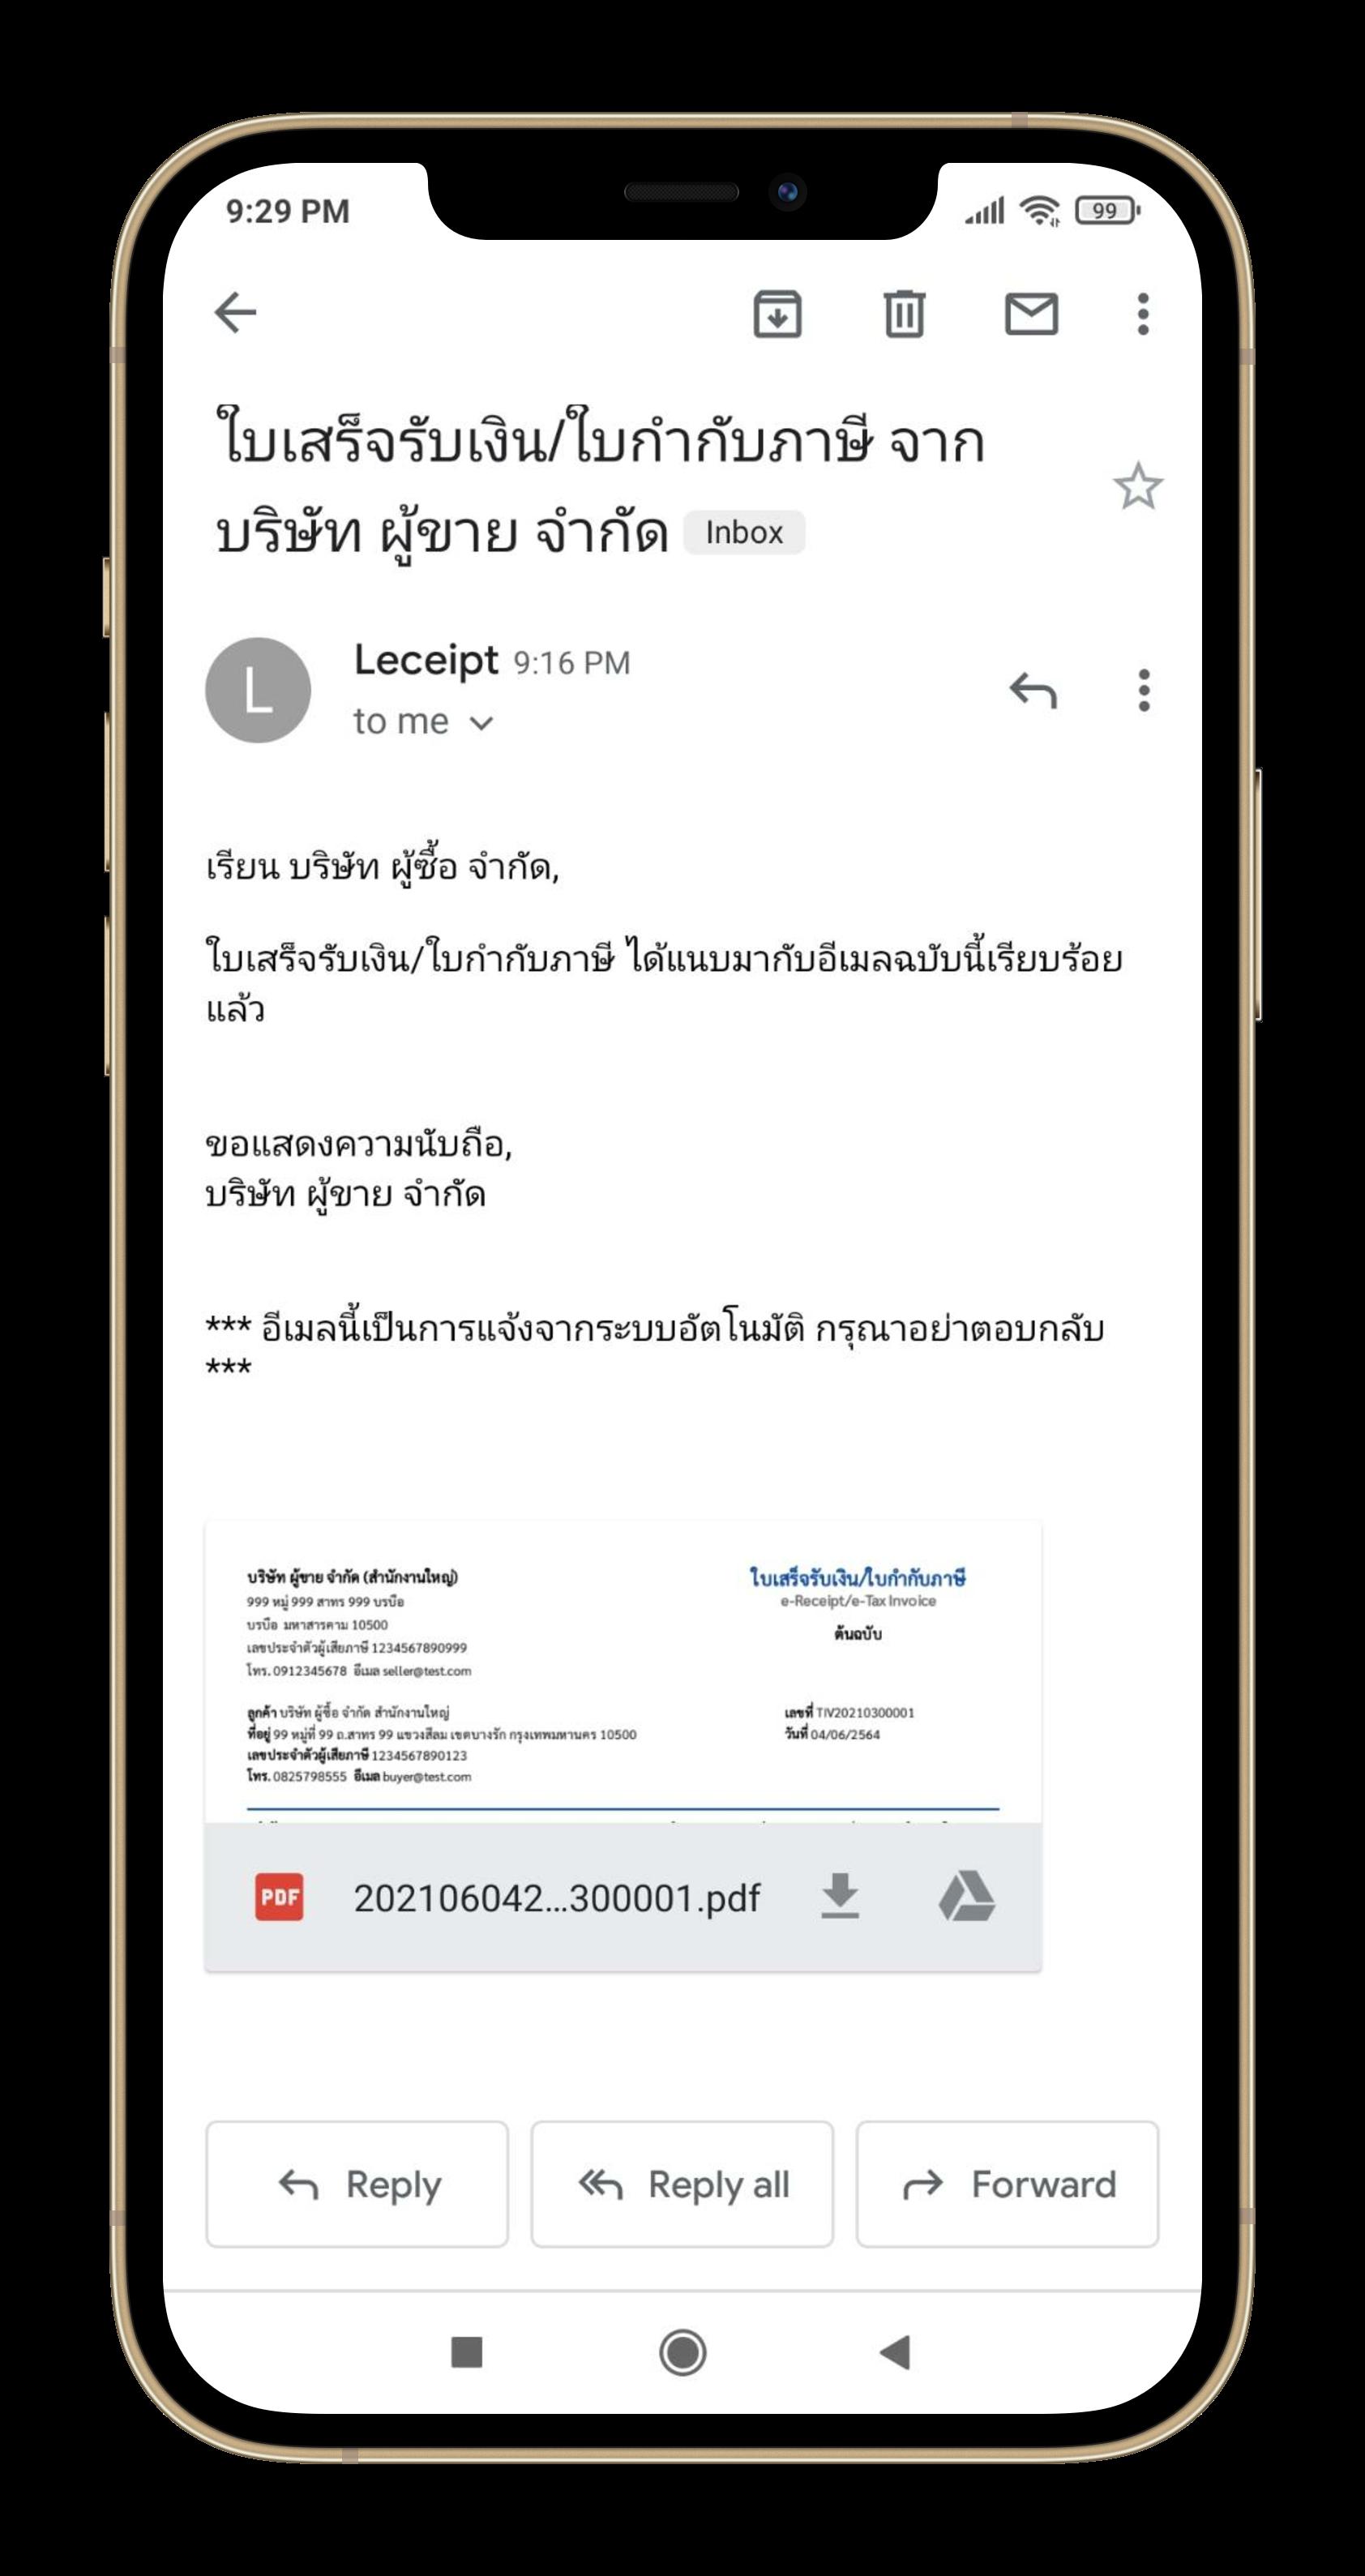 ส่ง e-taxinvoice e-receipt ทาง email